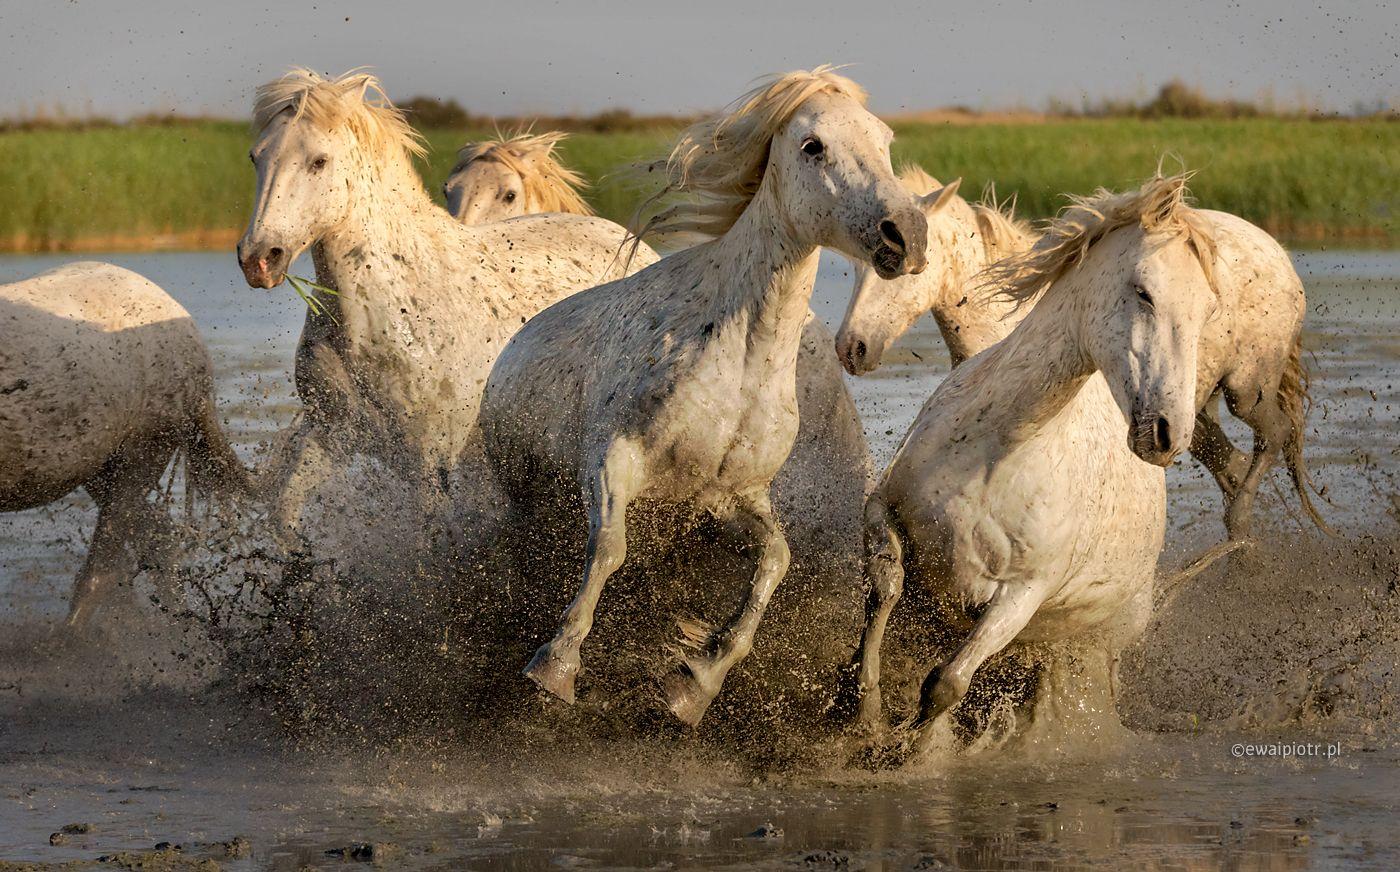 Końskie awantury, Camargue, Francja, fotografowanie koni w biegu, liczba klatek na sekundę